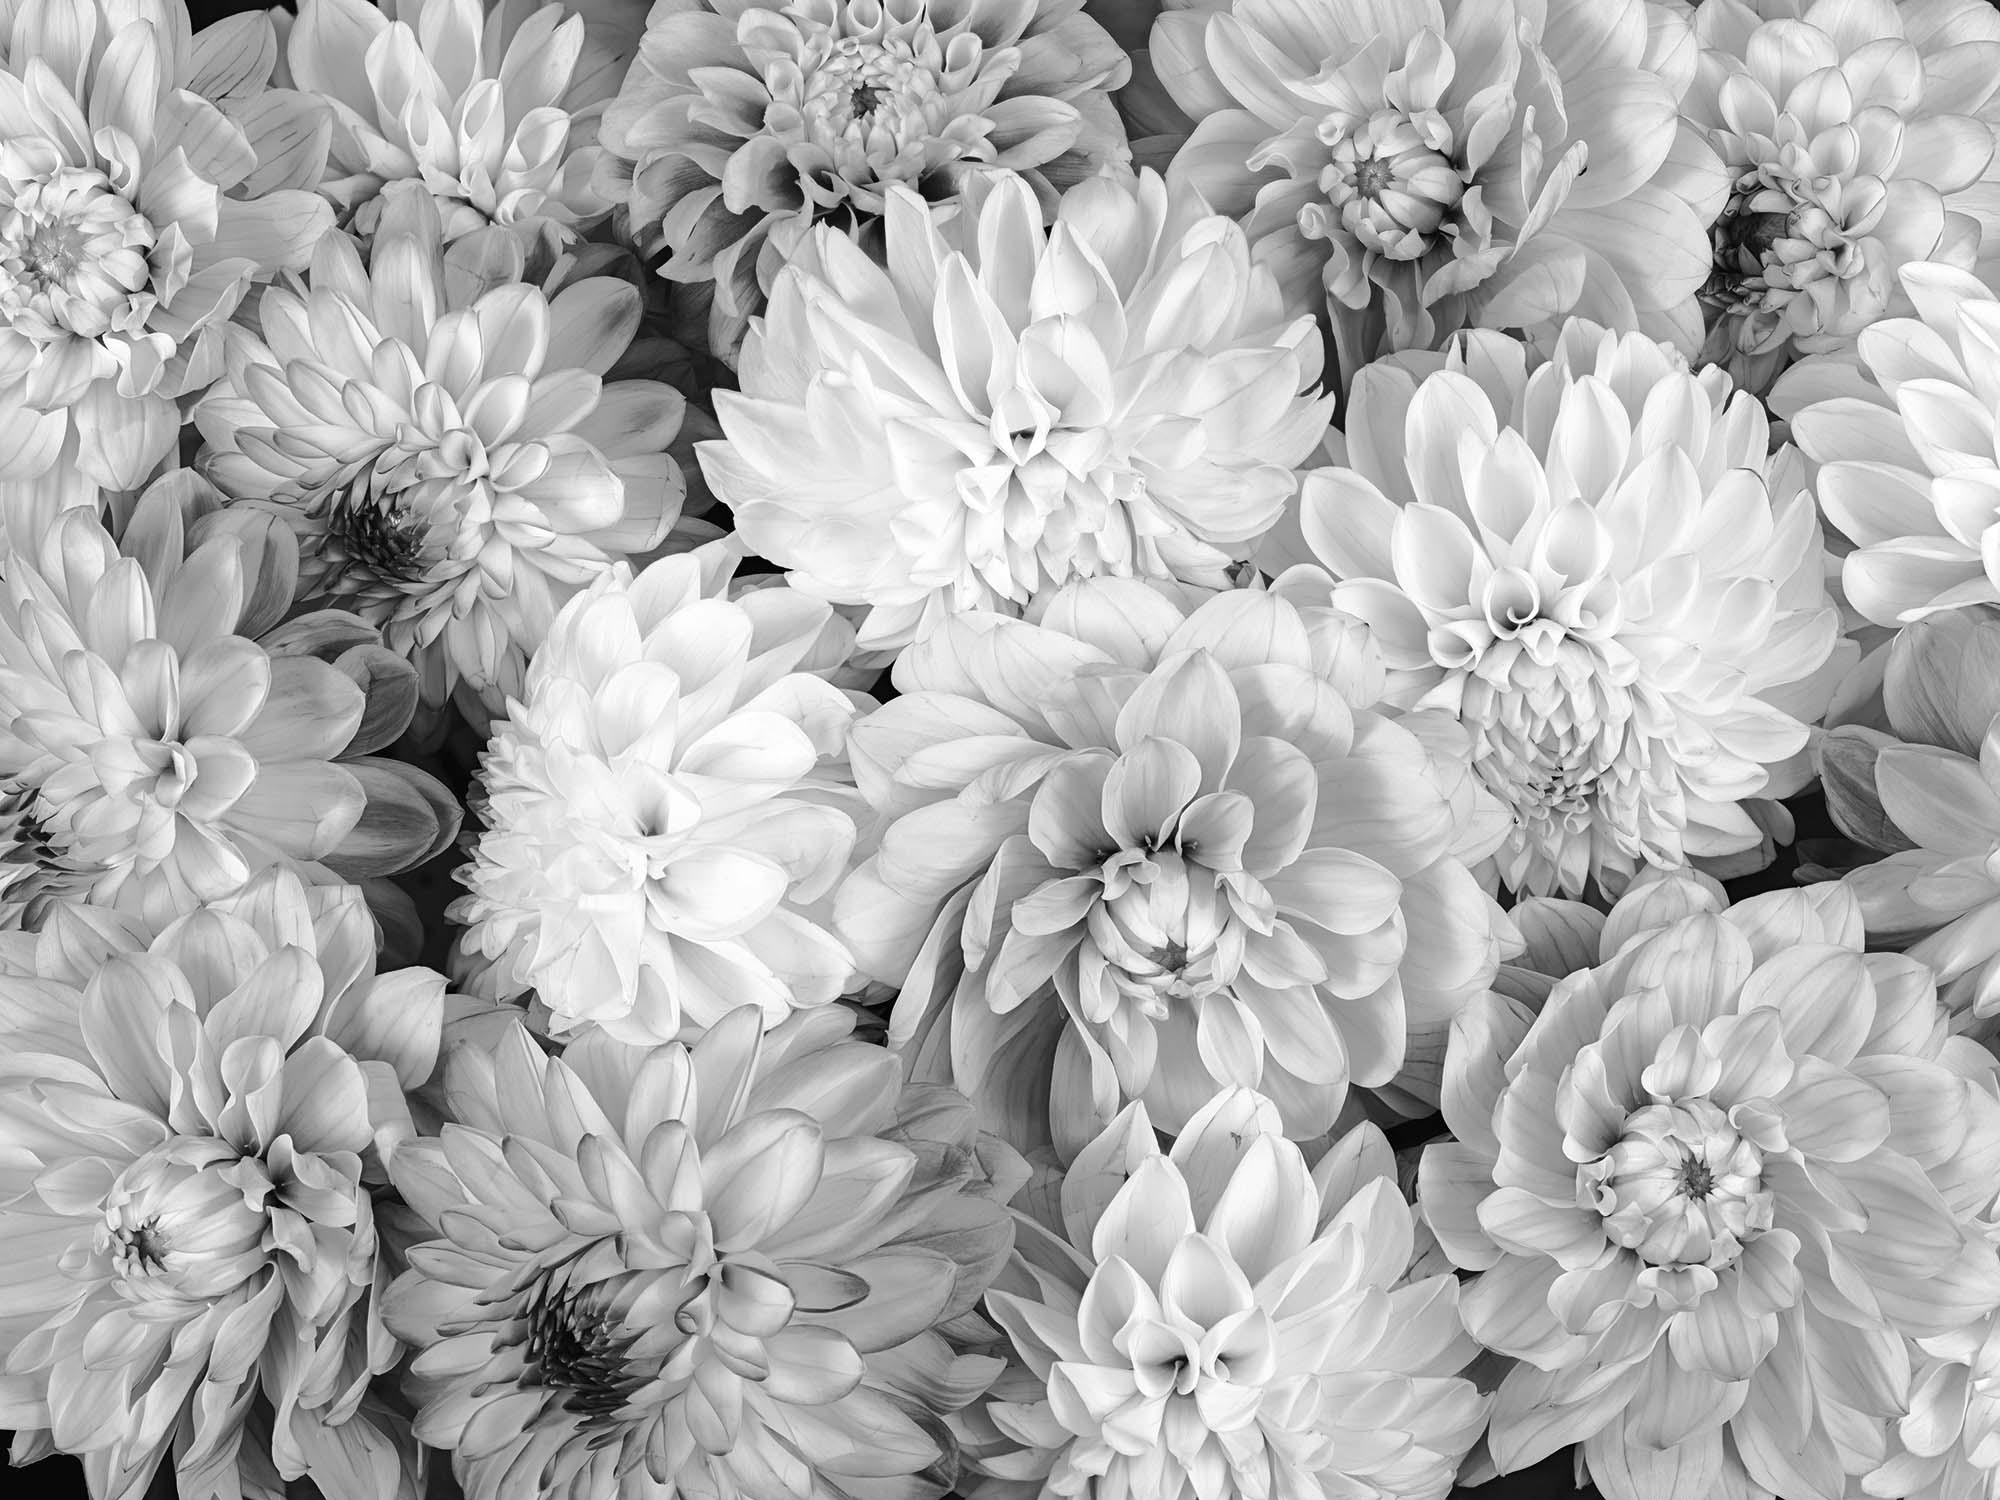 mu1713 20 dahlia flowers